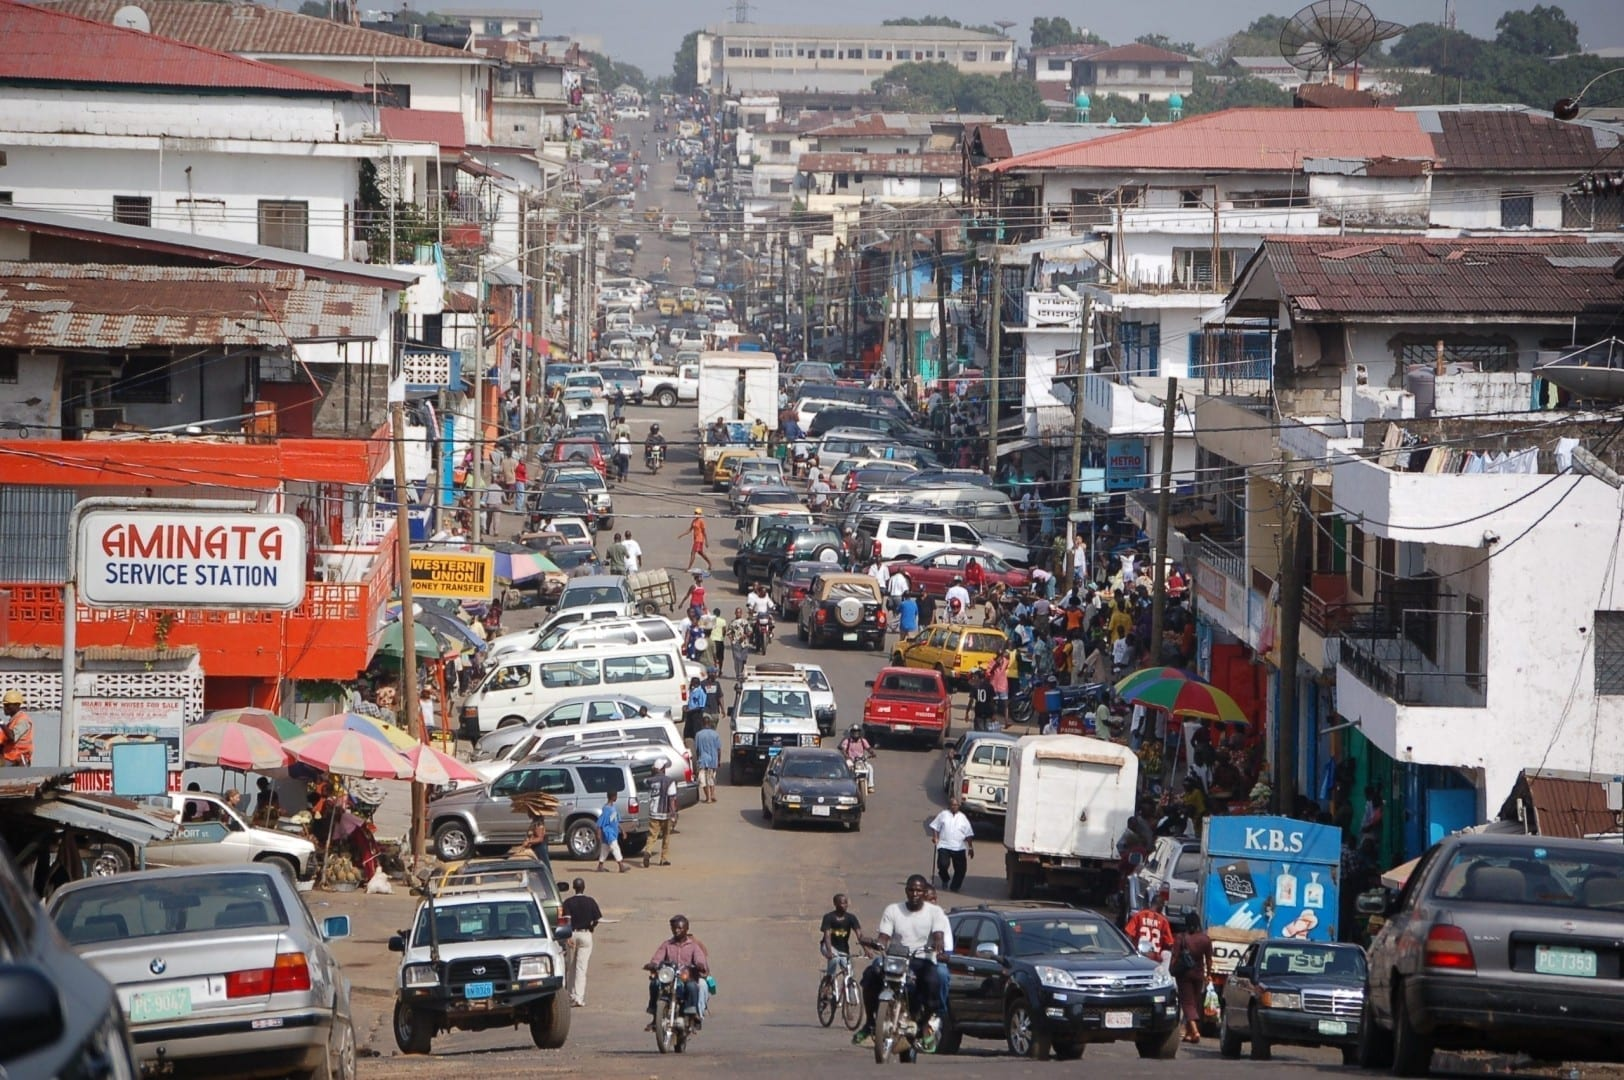 Centro de Monrovia Liberia